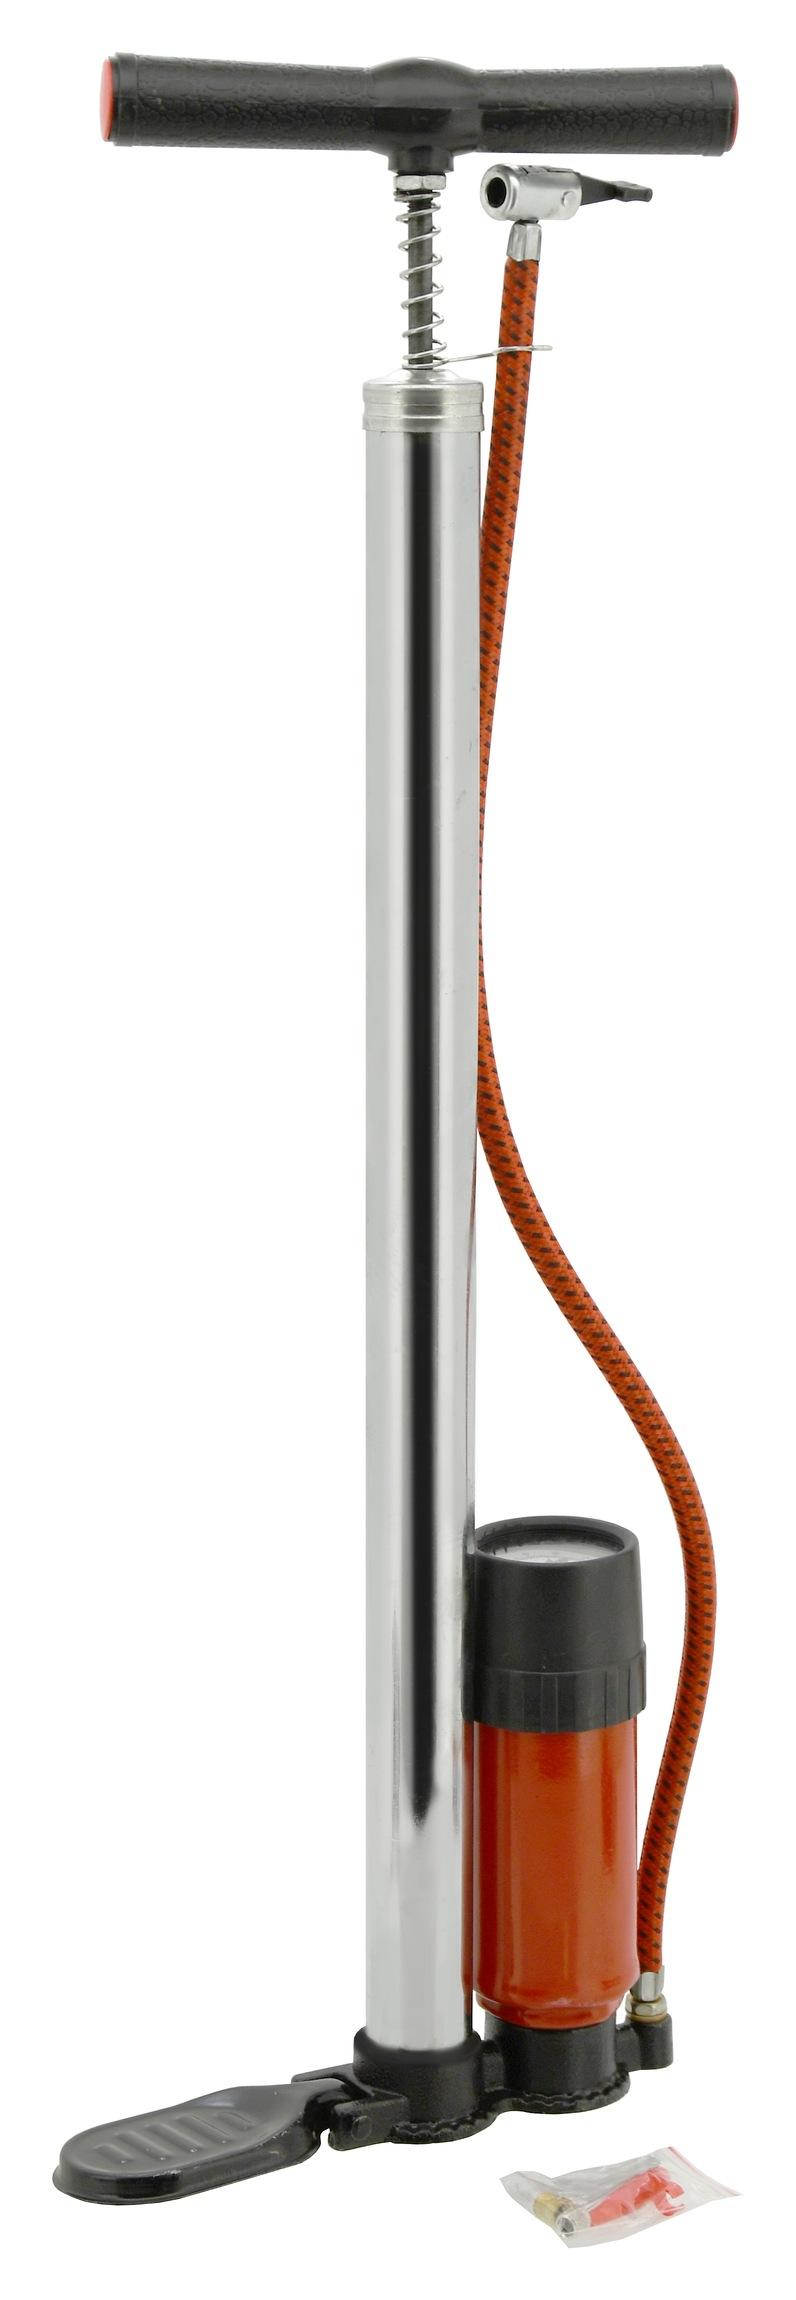 Hustilka ruční 500 x 32mm CHROM s manometrem